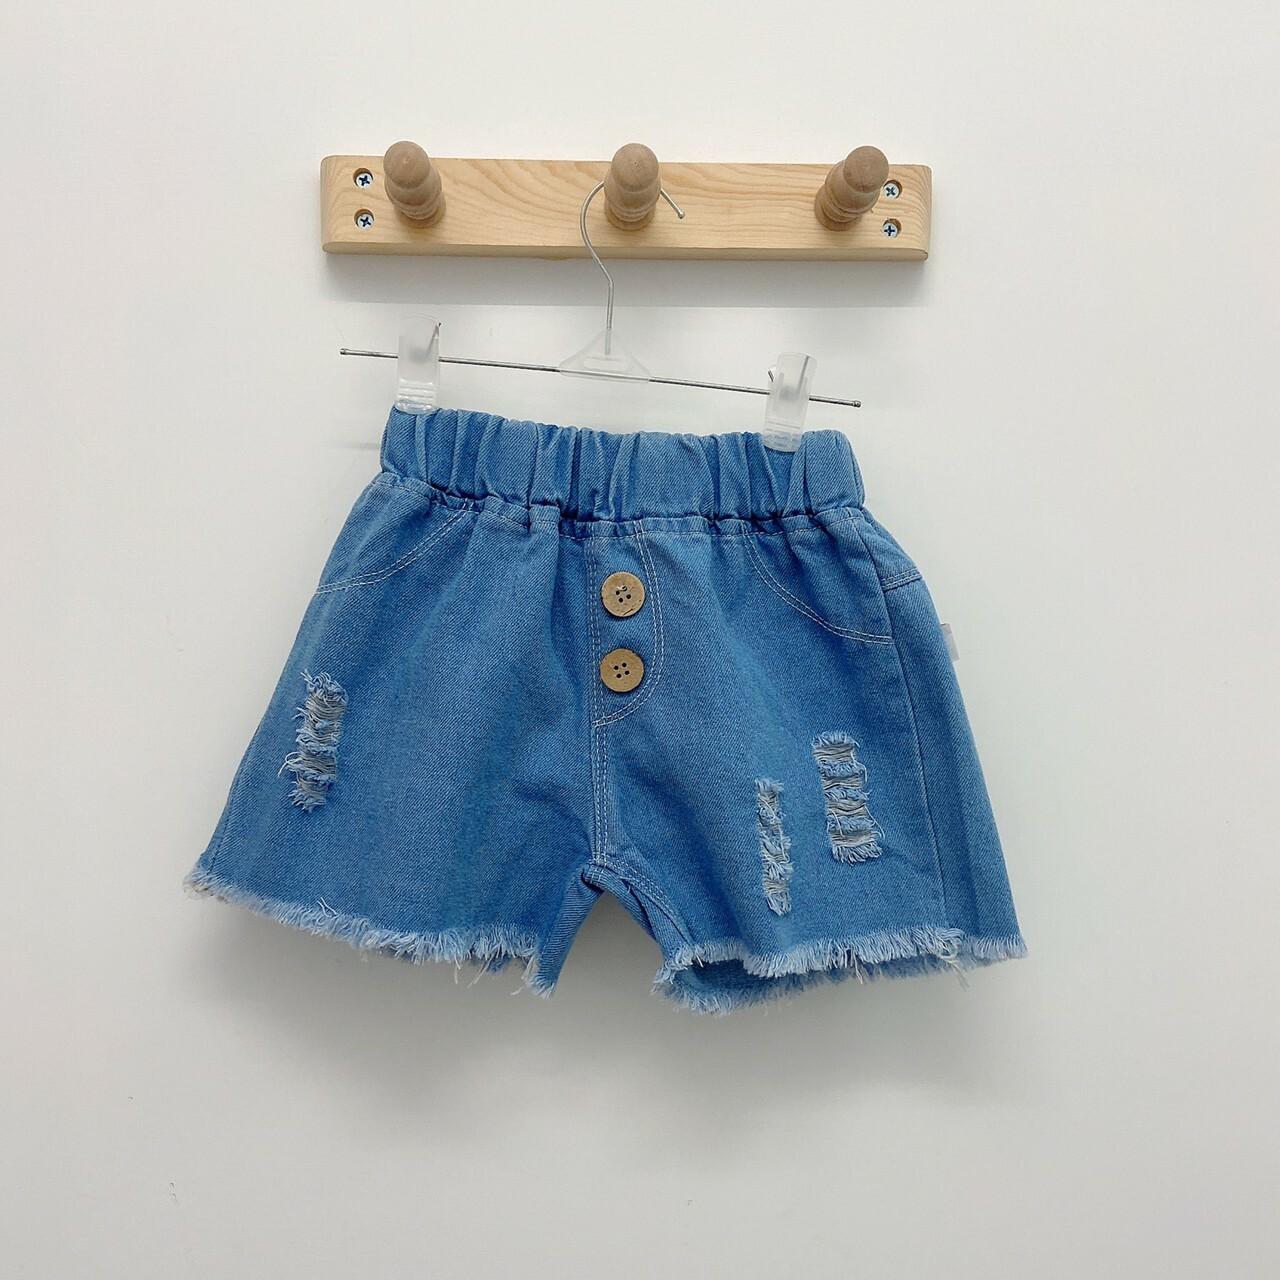 褲裙短 五~七分褲_210803_2.jpg